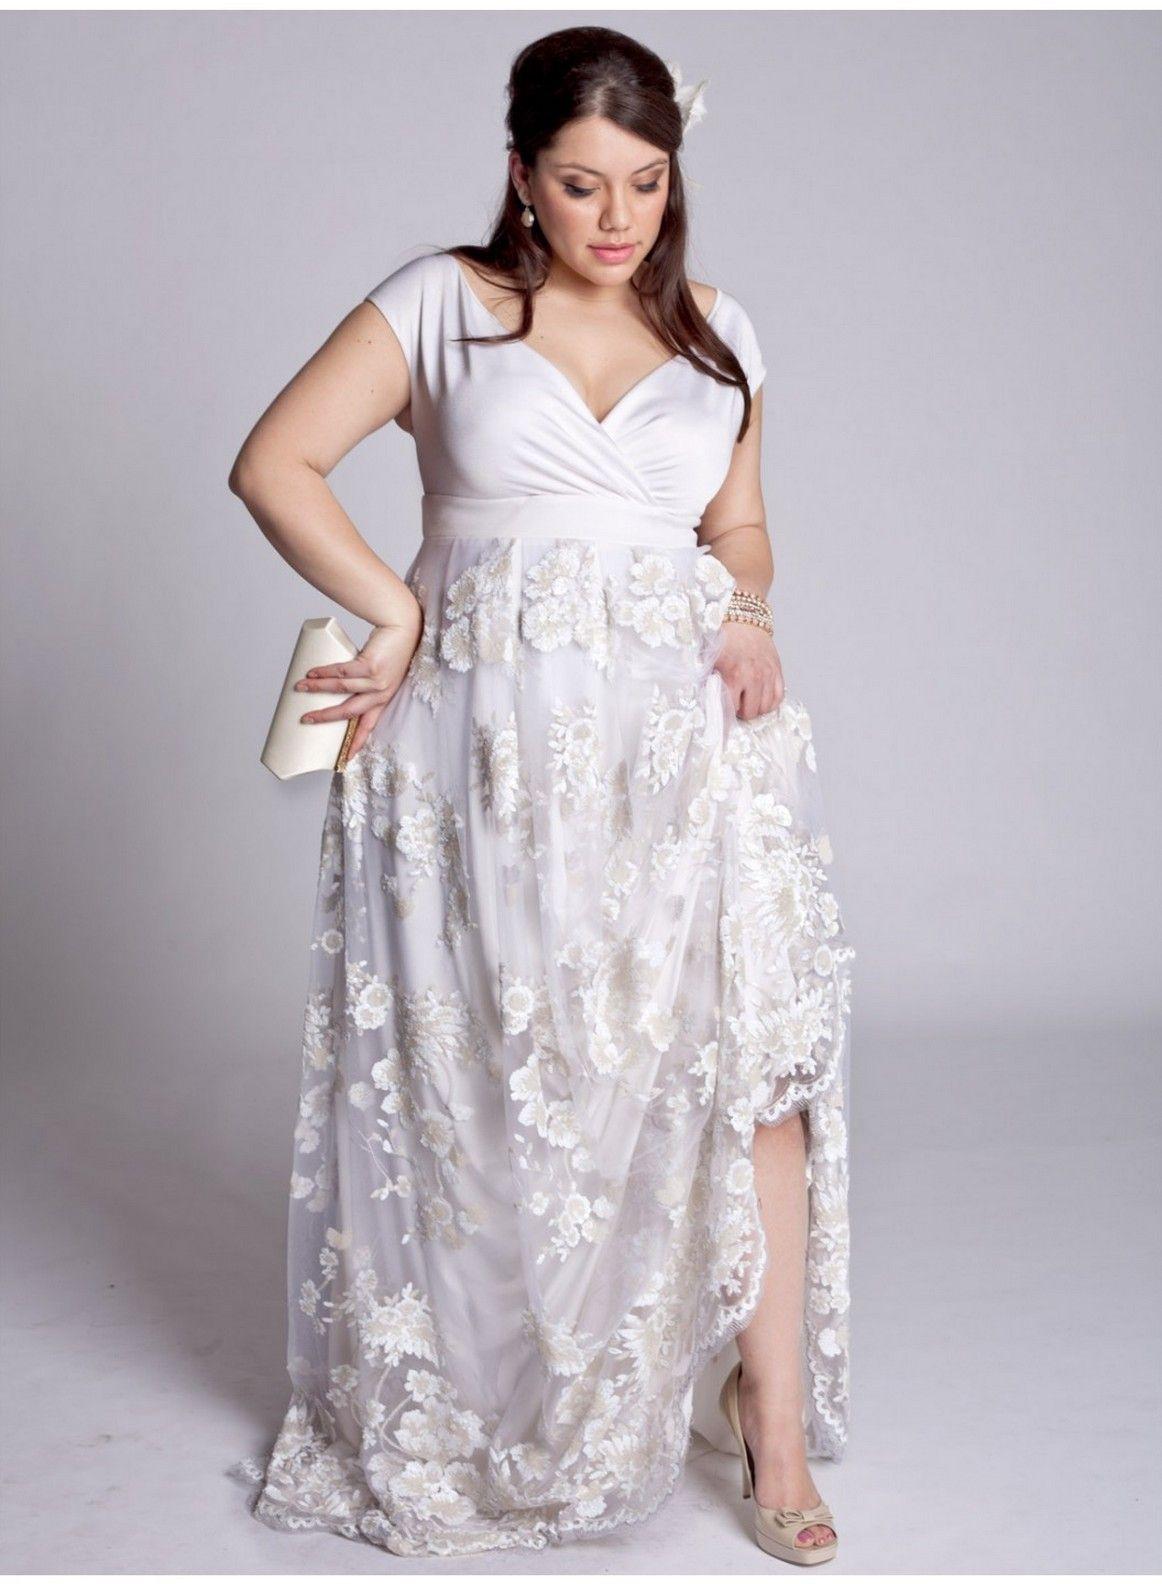 Short cocktail wedding dresses lace sleeves google for Wedding dress finder